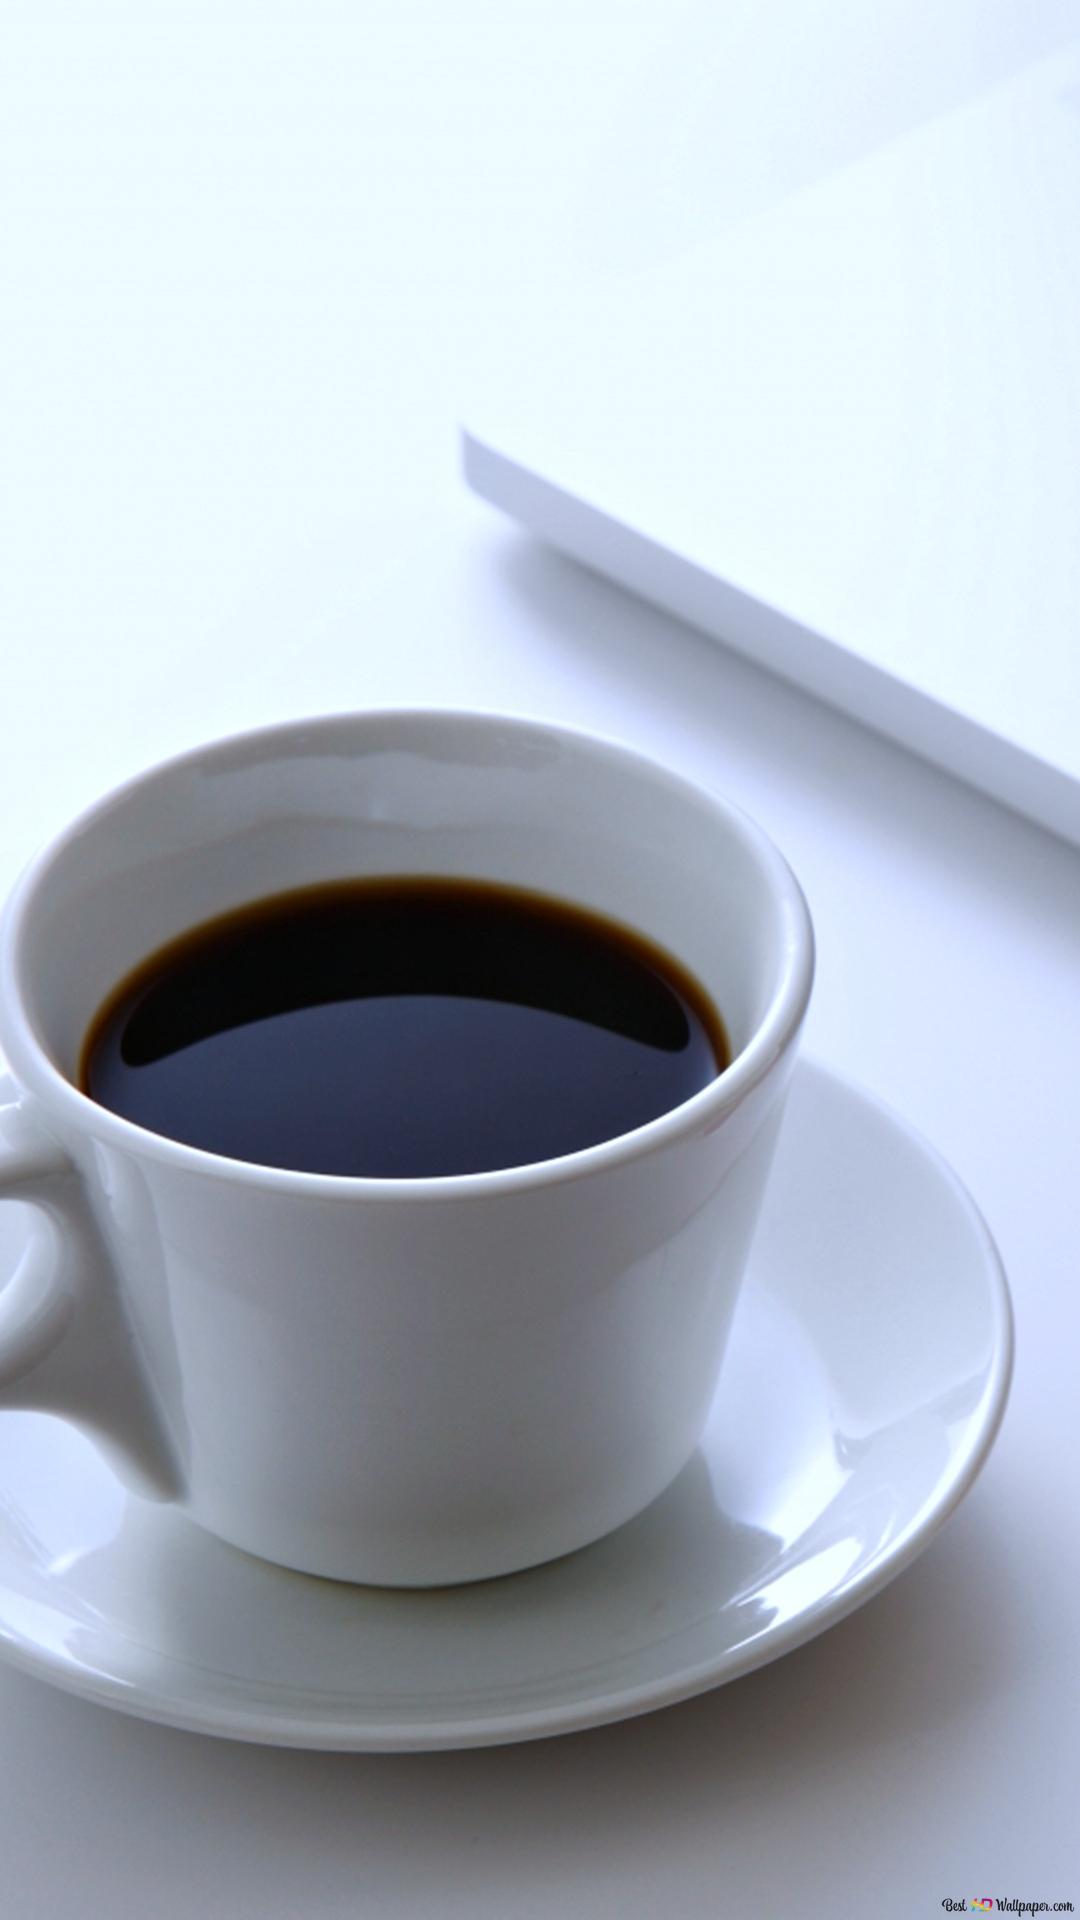 濃いコーヒーカップ Hd壁紙のダウンロード